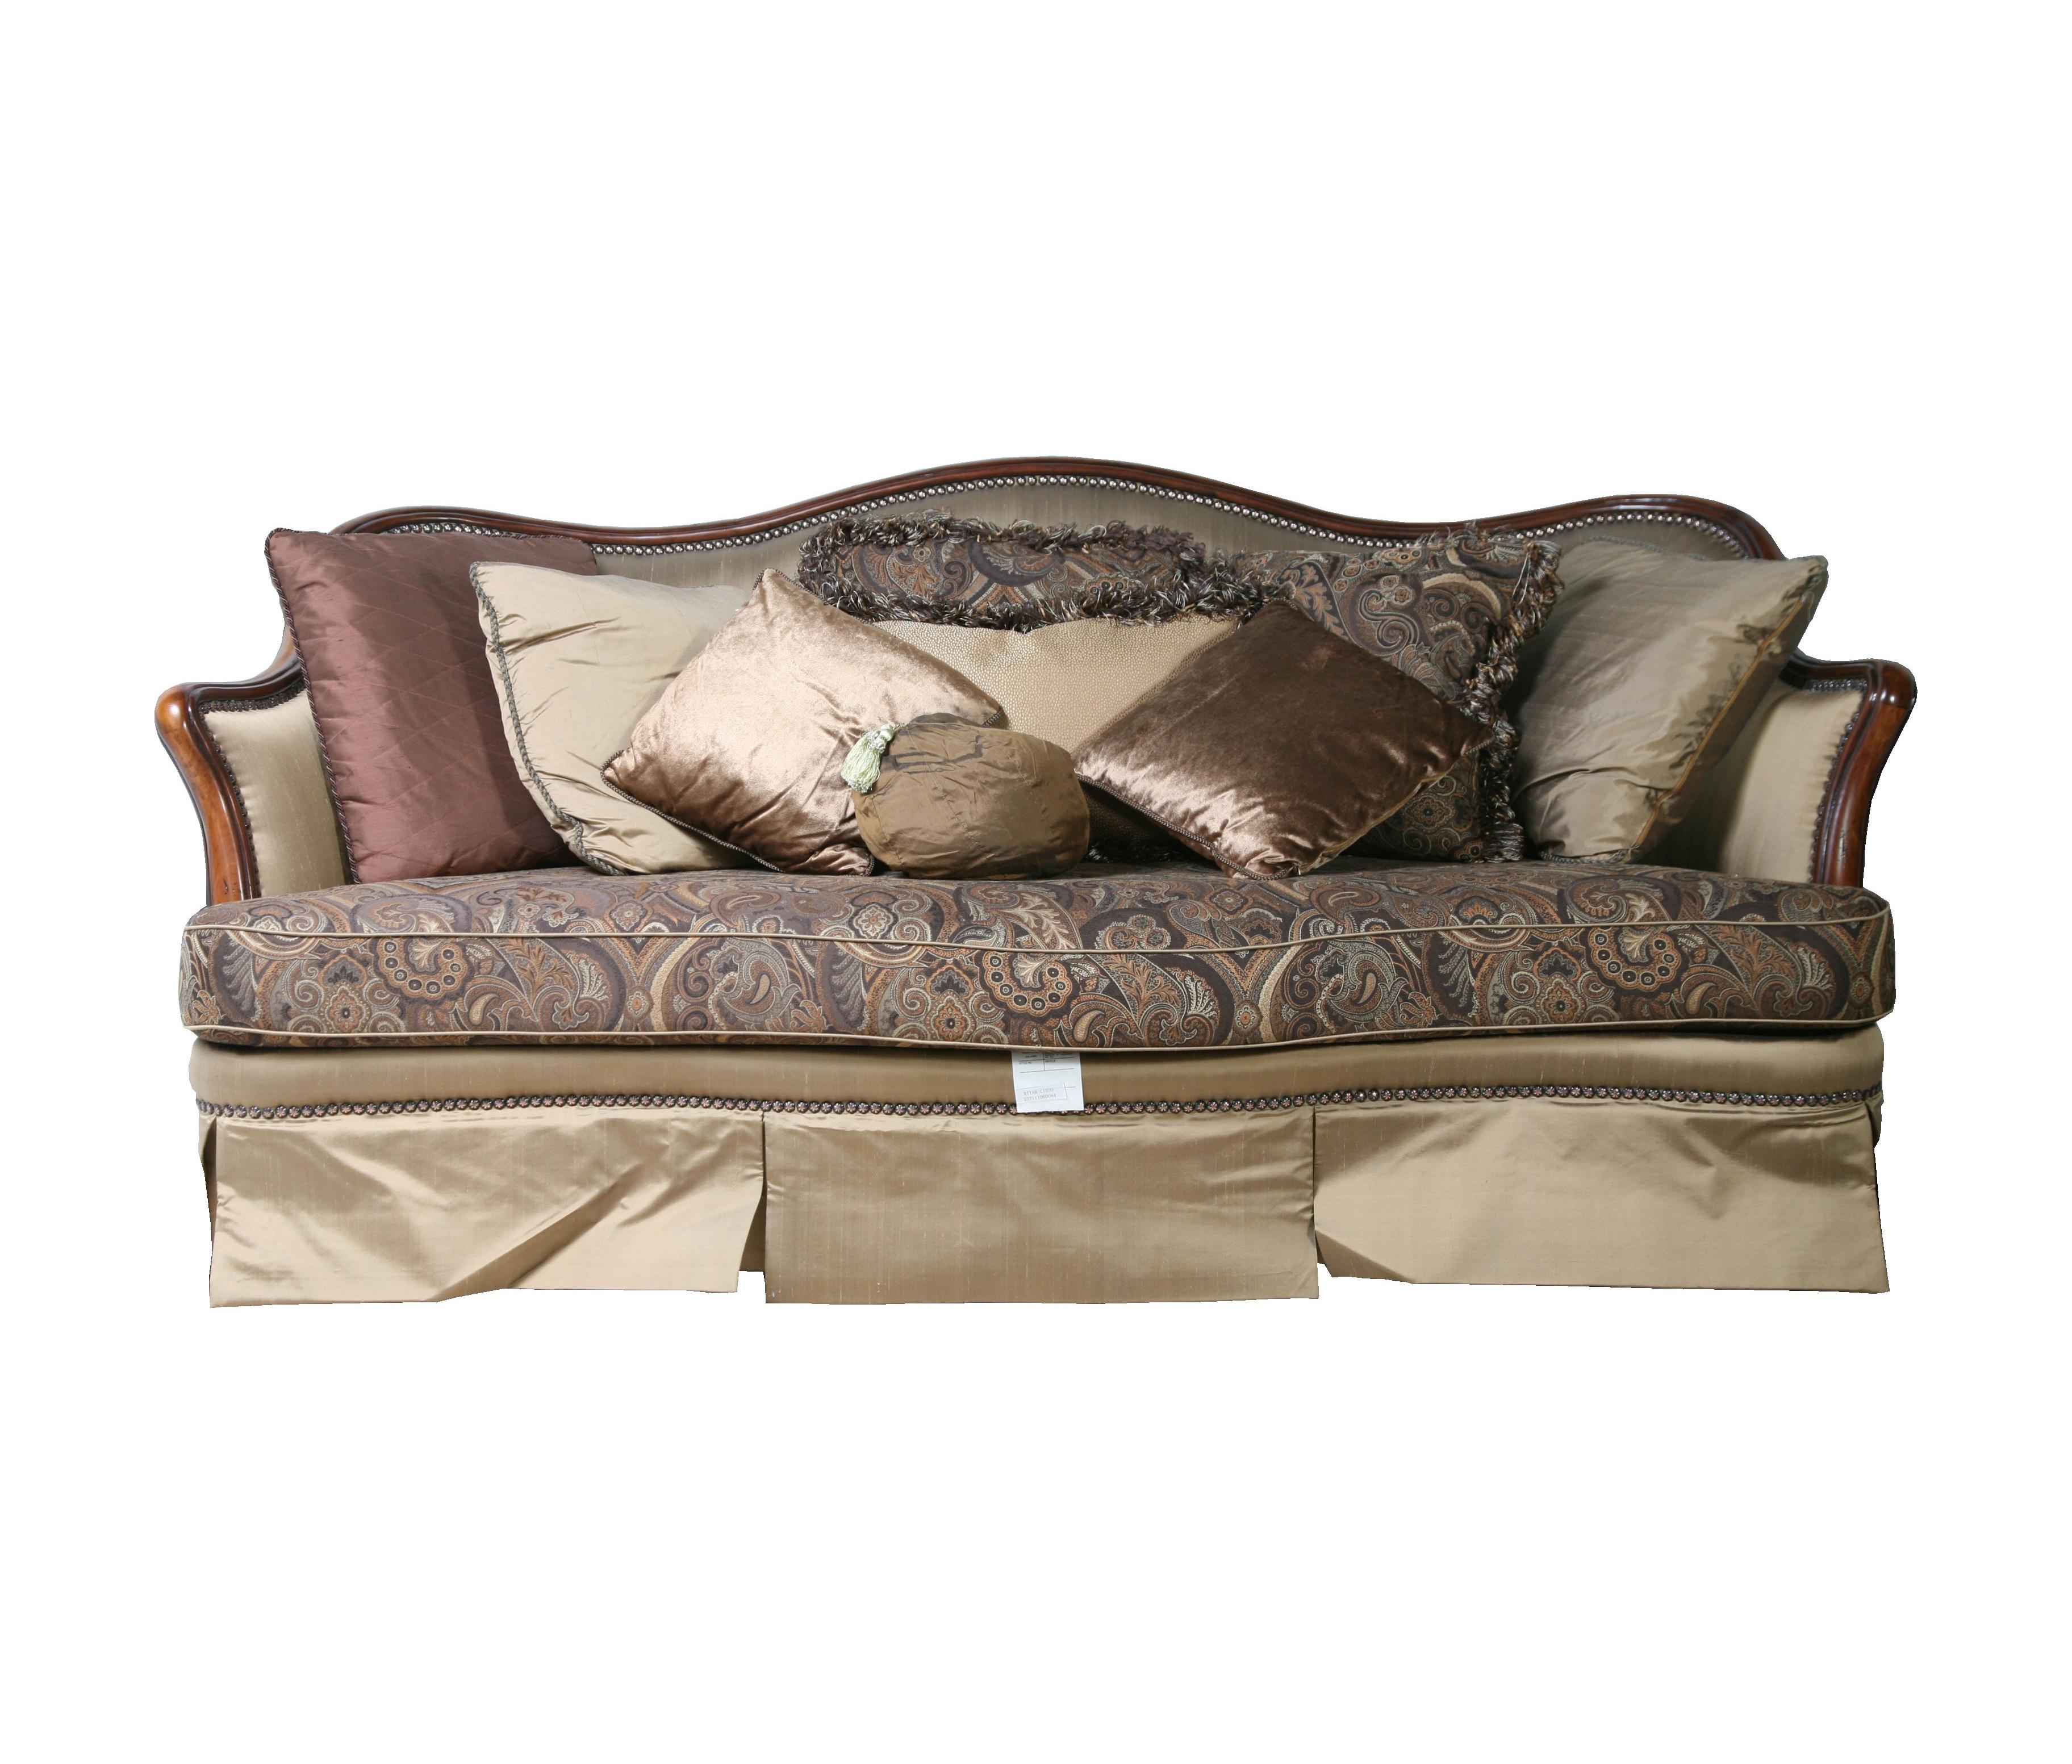 Диван RIYARДвухместные диваны<br>Подушки в комплект не входят.<br><br>Material: Текстиль<br>Width см: 187<br>Depth см: 112<br>Height см: 105